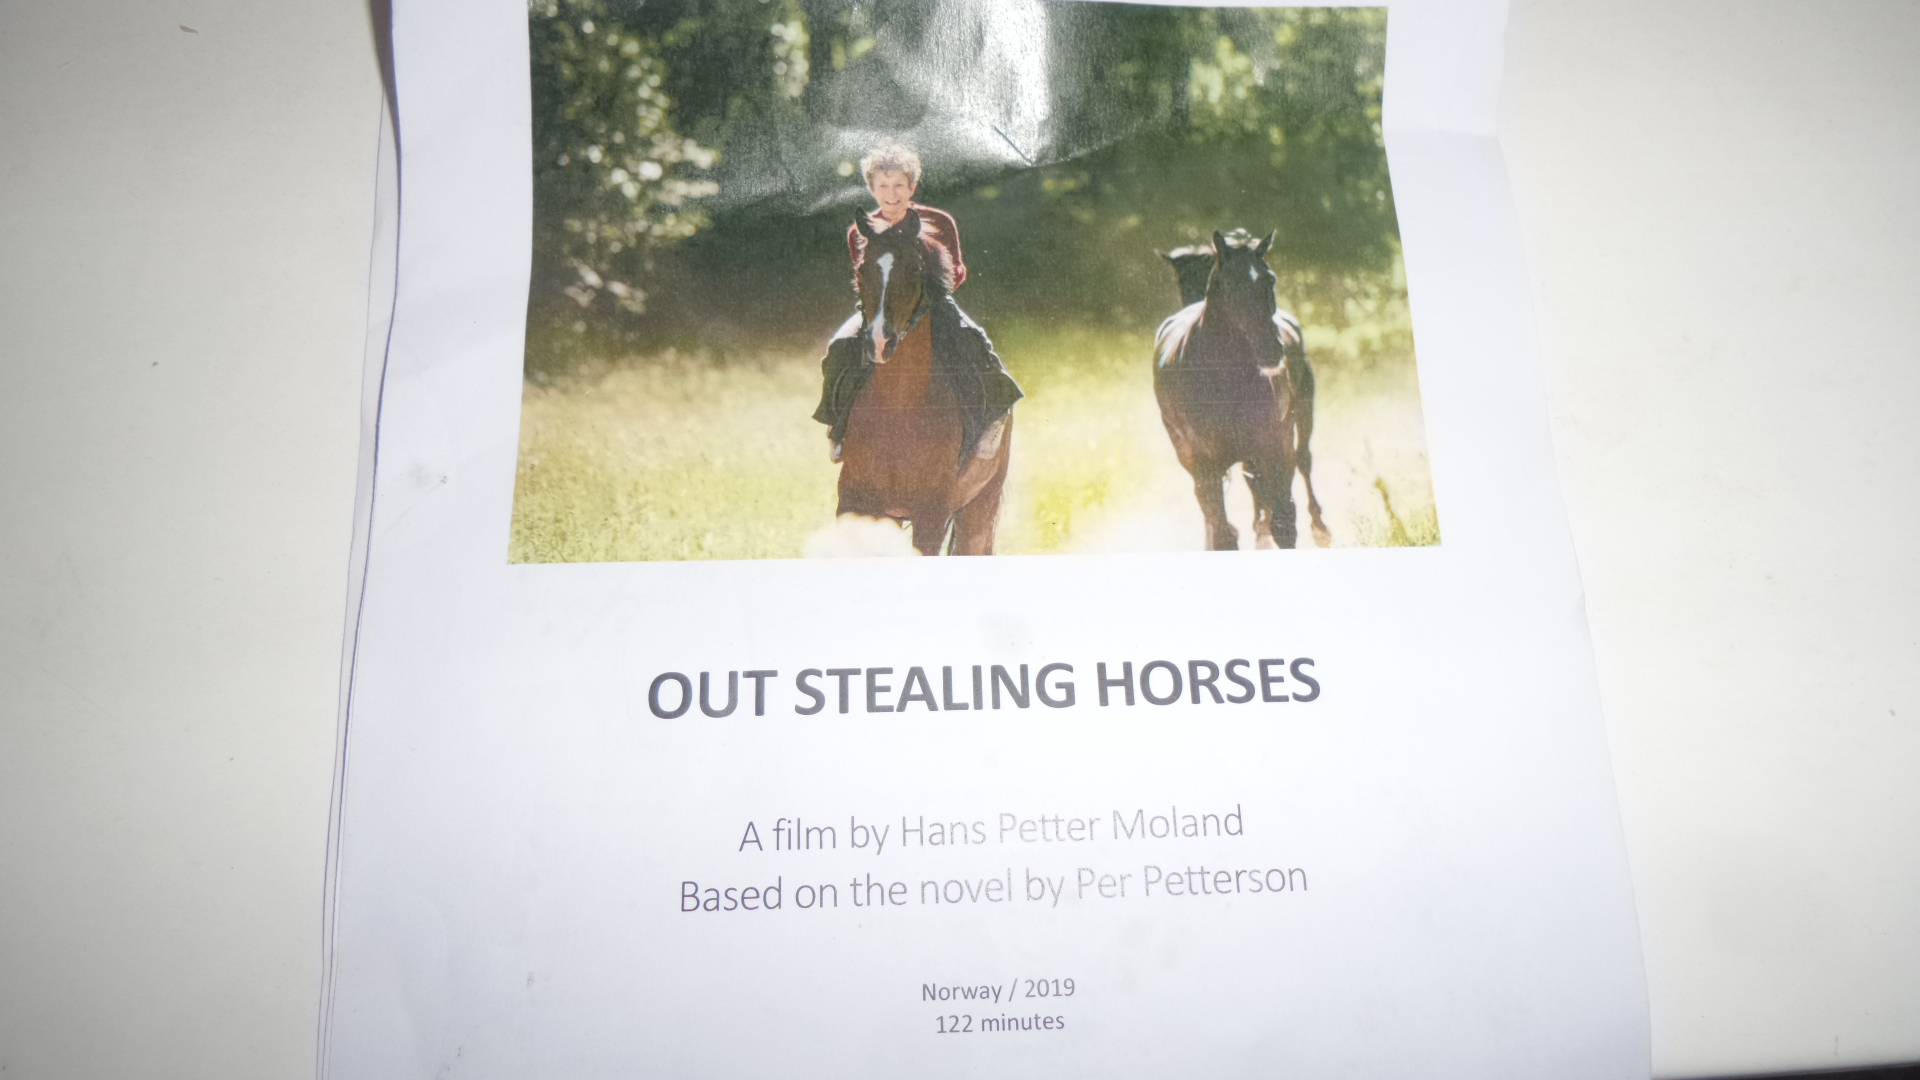 per petterson pferde stehlen